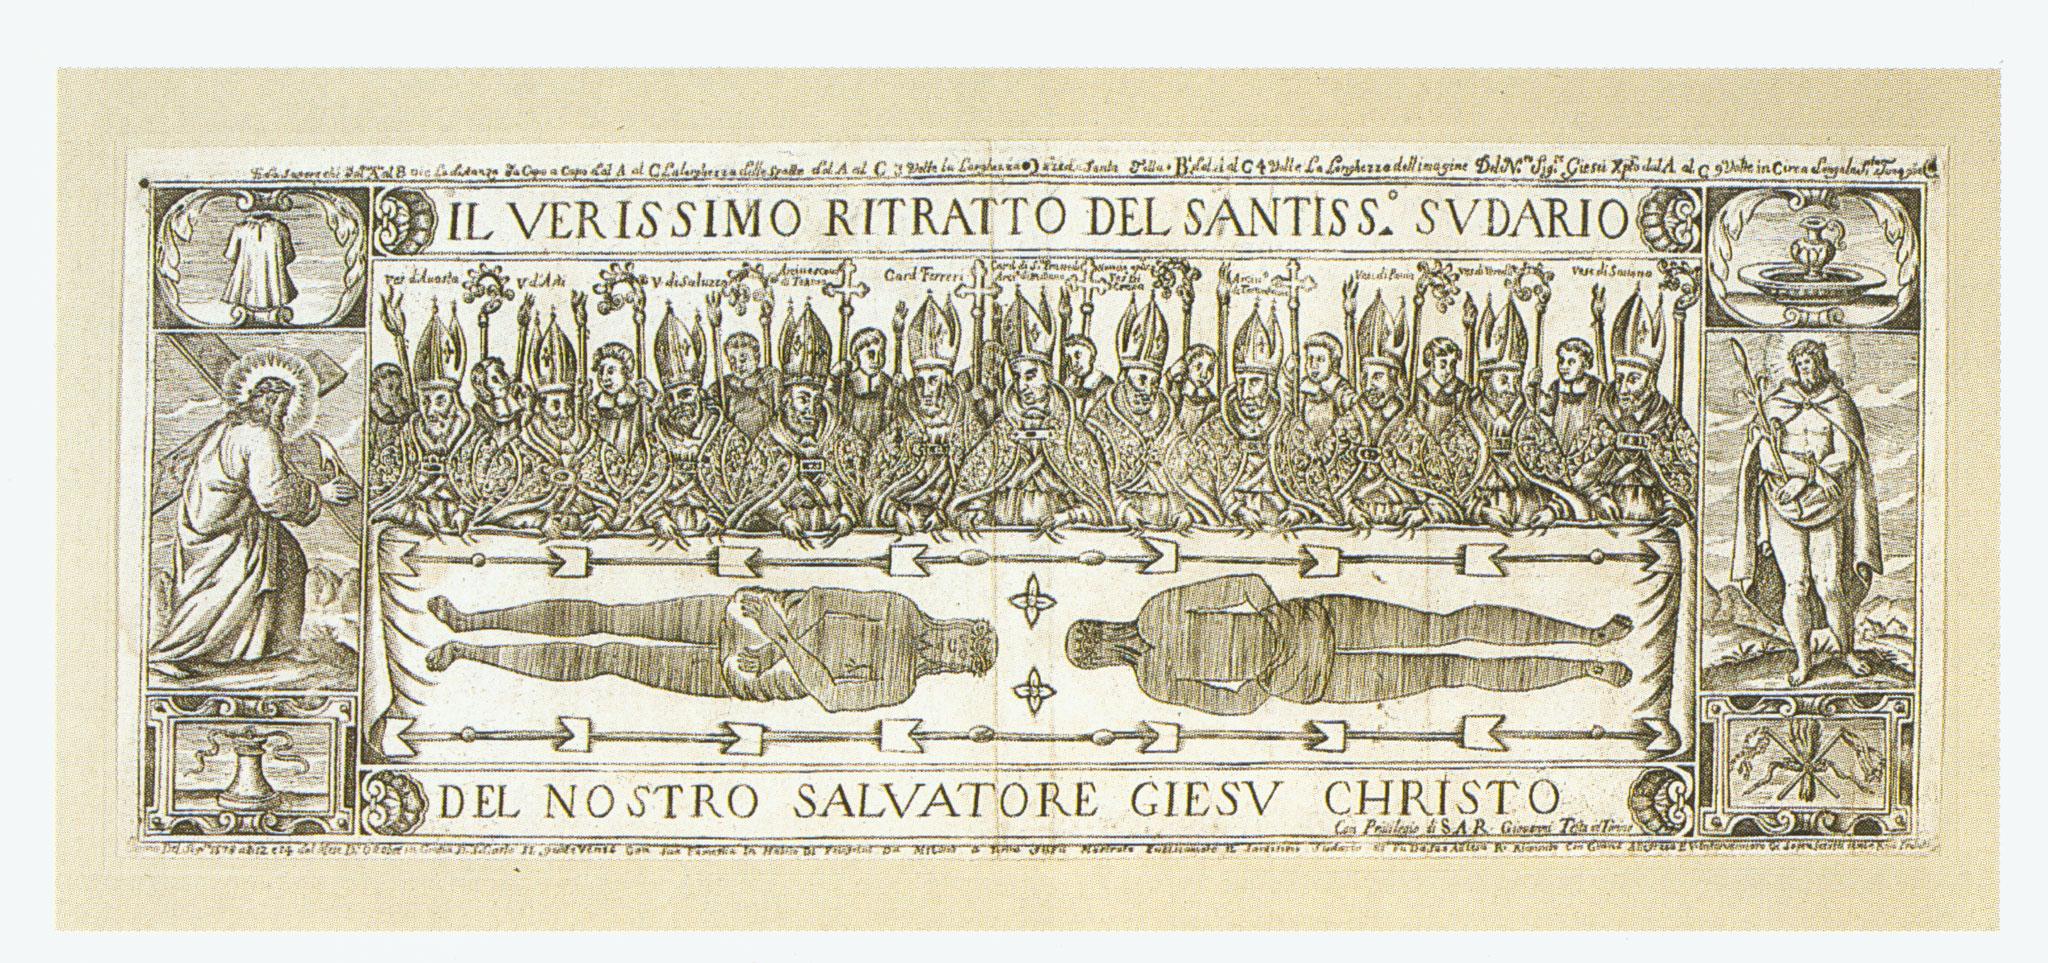 Incisione del Testa, ostensione del 12 ottobre 1578 con san Carlo Borromeo